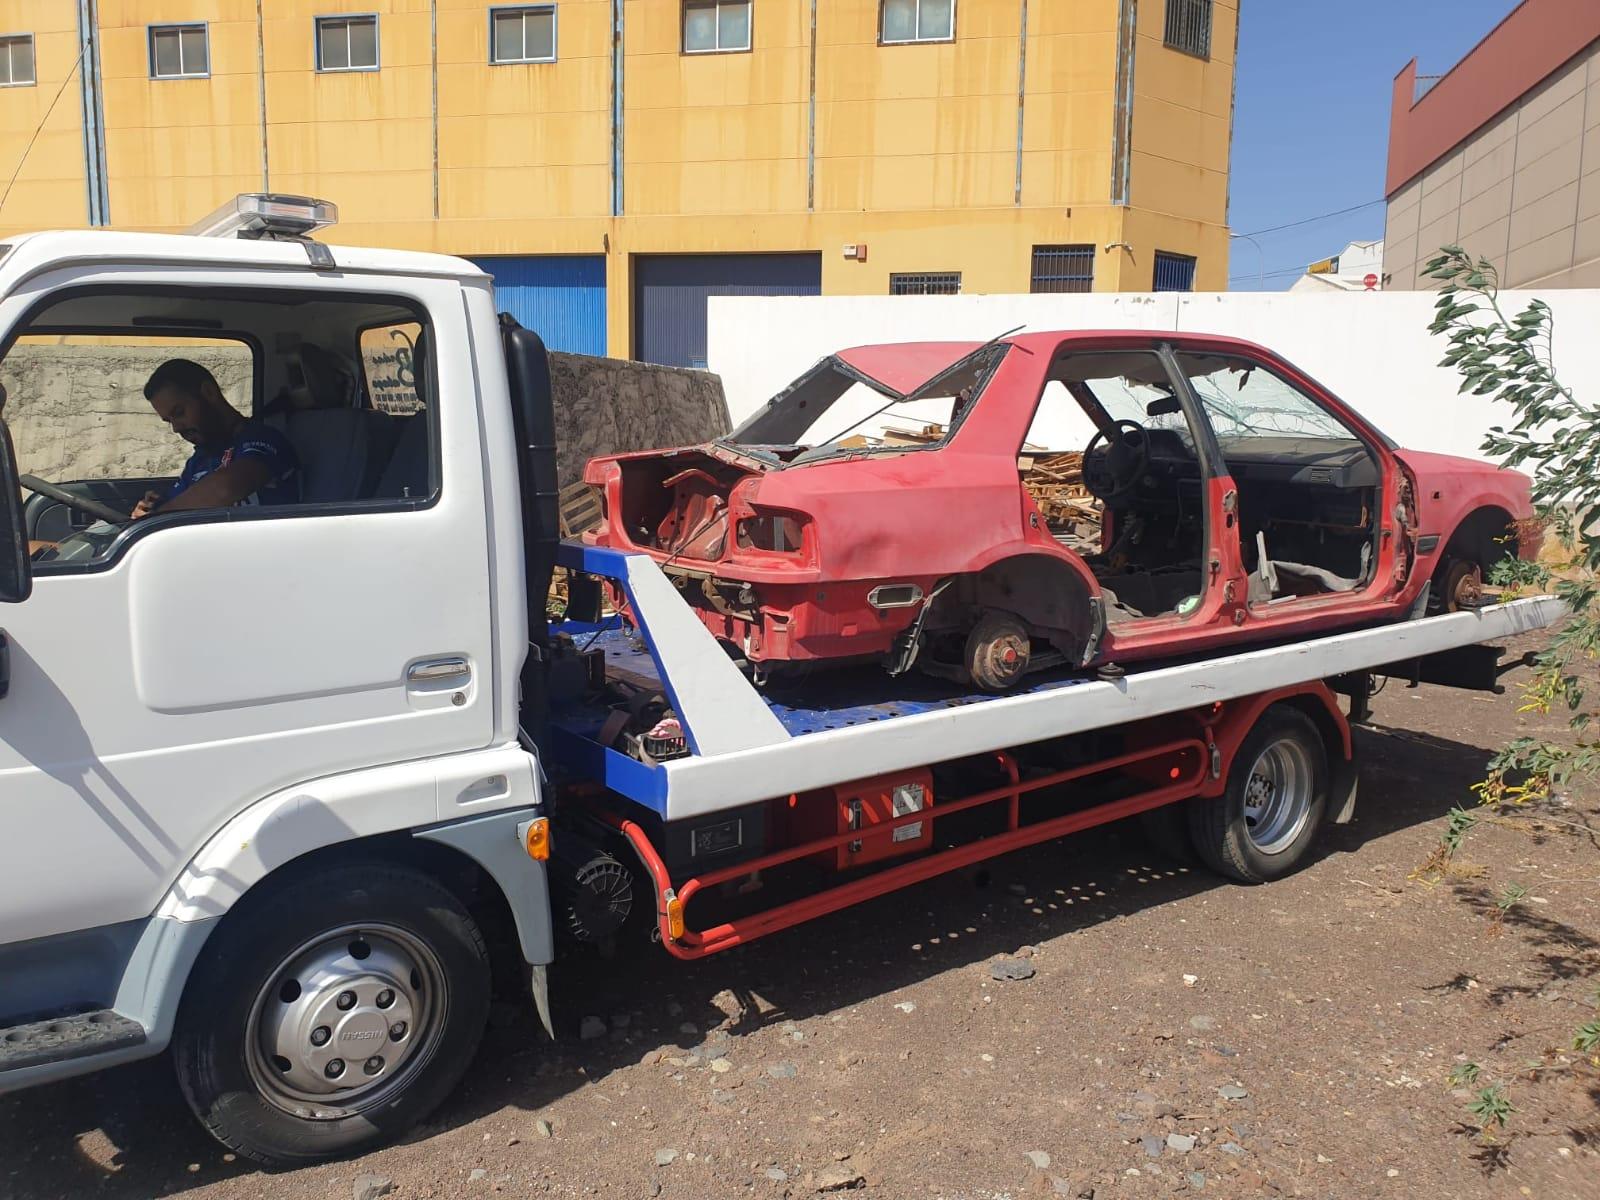 Vehículos retirados de la vías públicas de Telde / CanariasNoticias.es